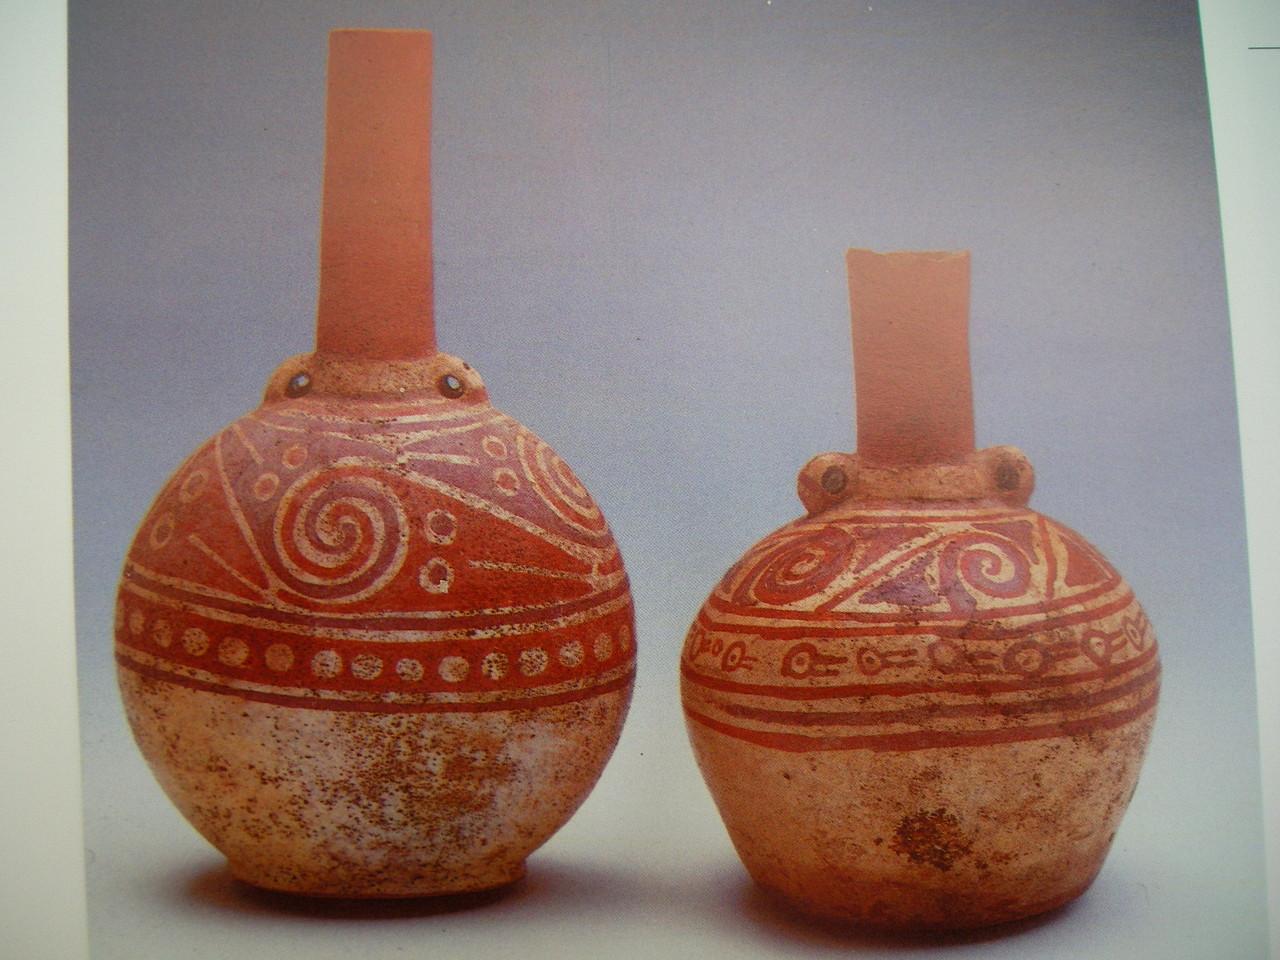 博物館にあったインカ時代の壺。これはネガティブ焼成ではありませんね。